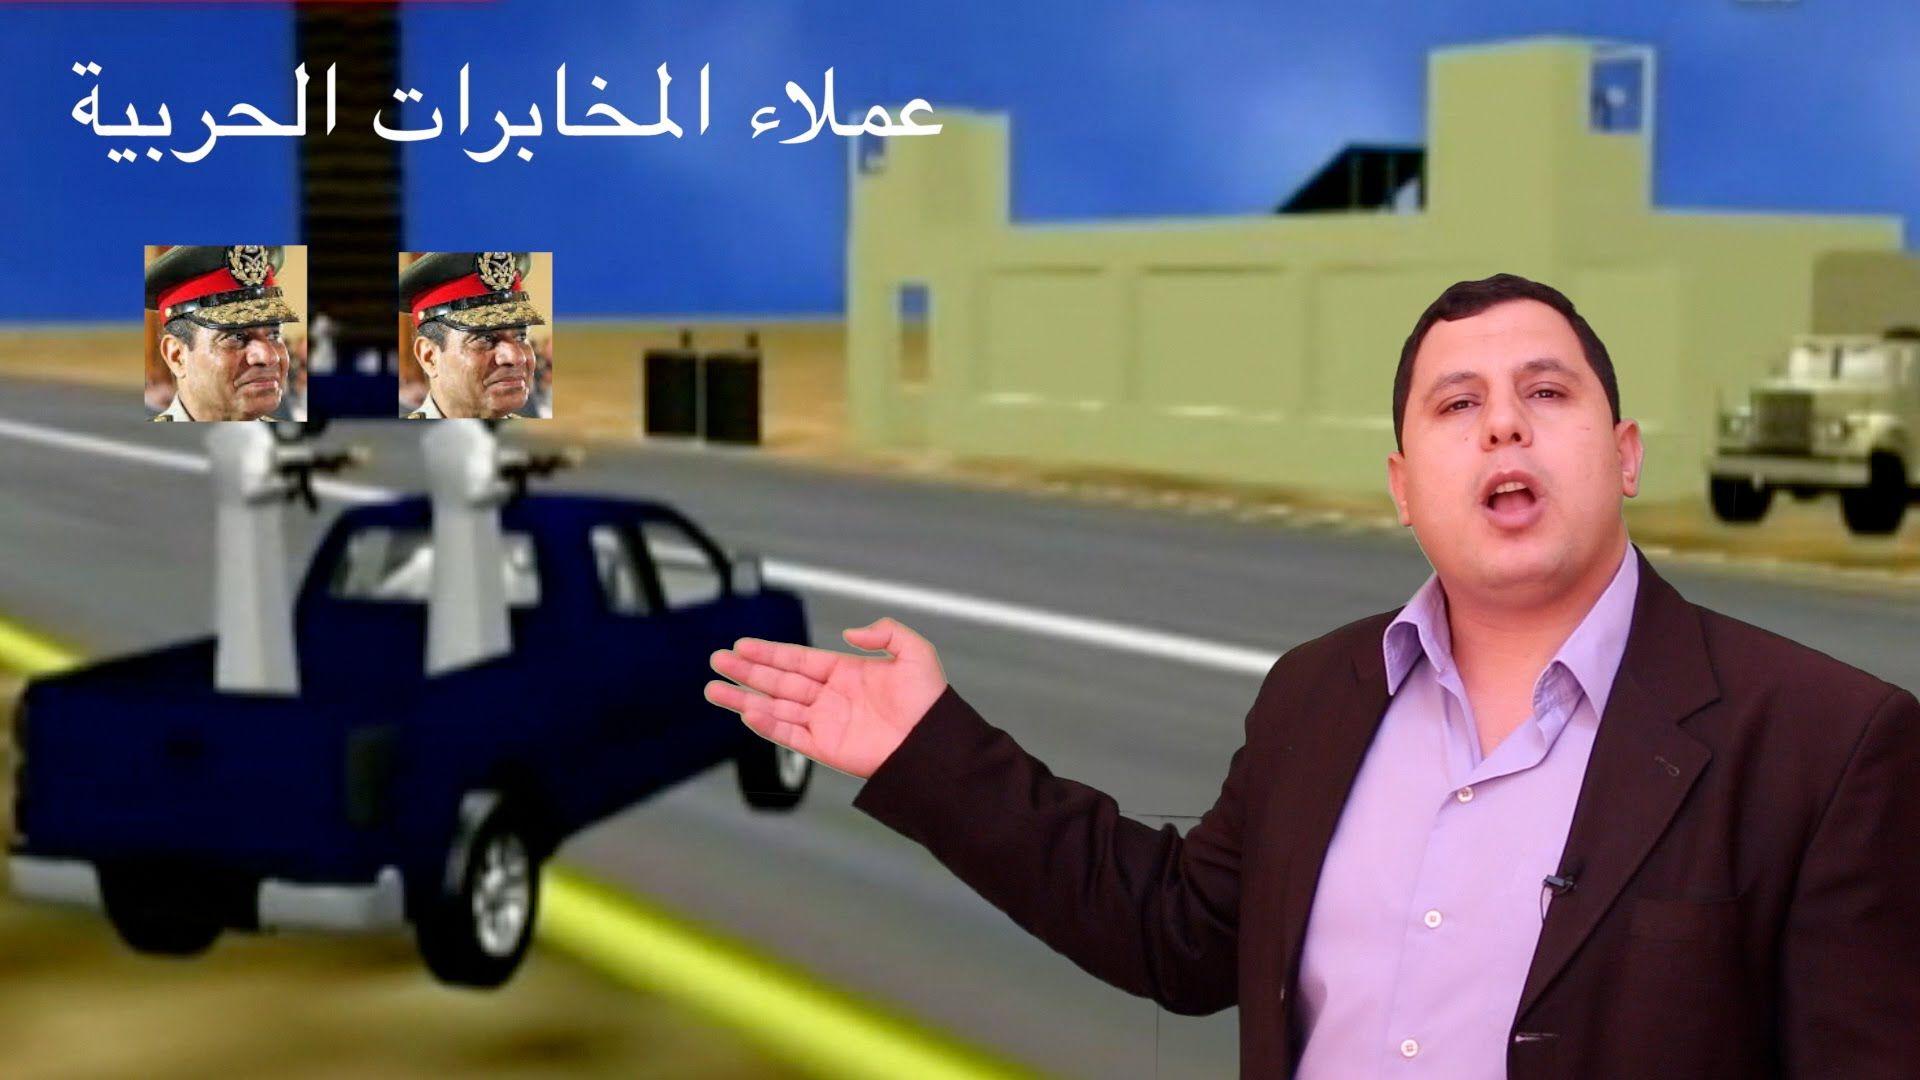 دور المخابرات الحربية في قتل جنود الفرافرة ورفح واغتيال عمر سليمان